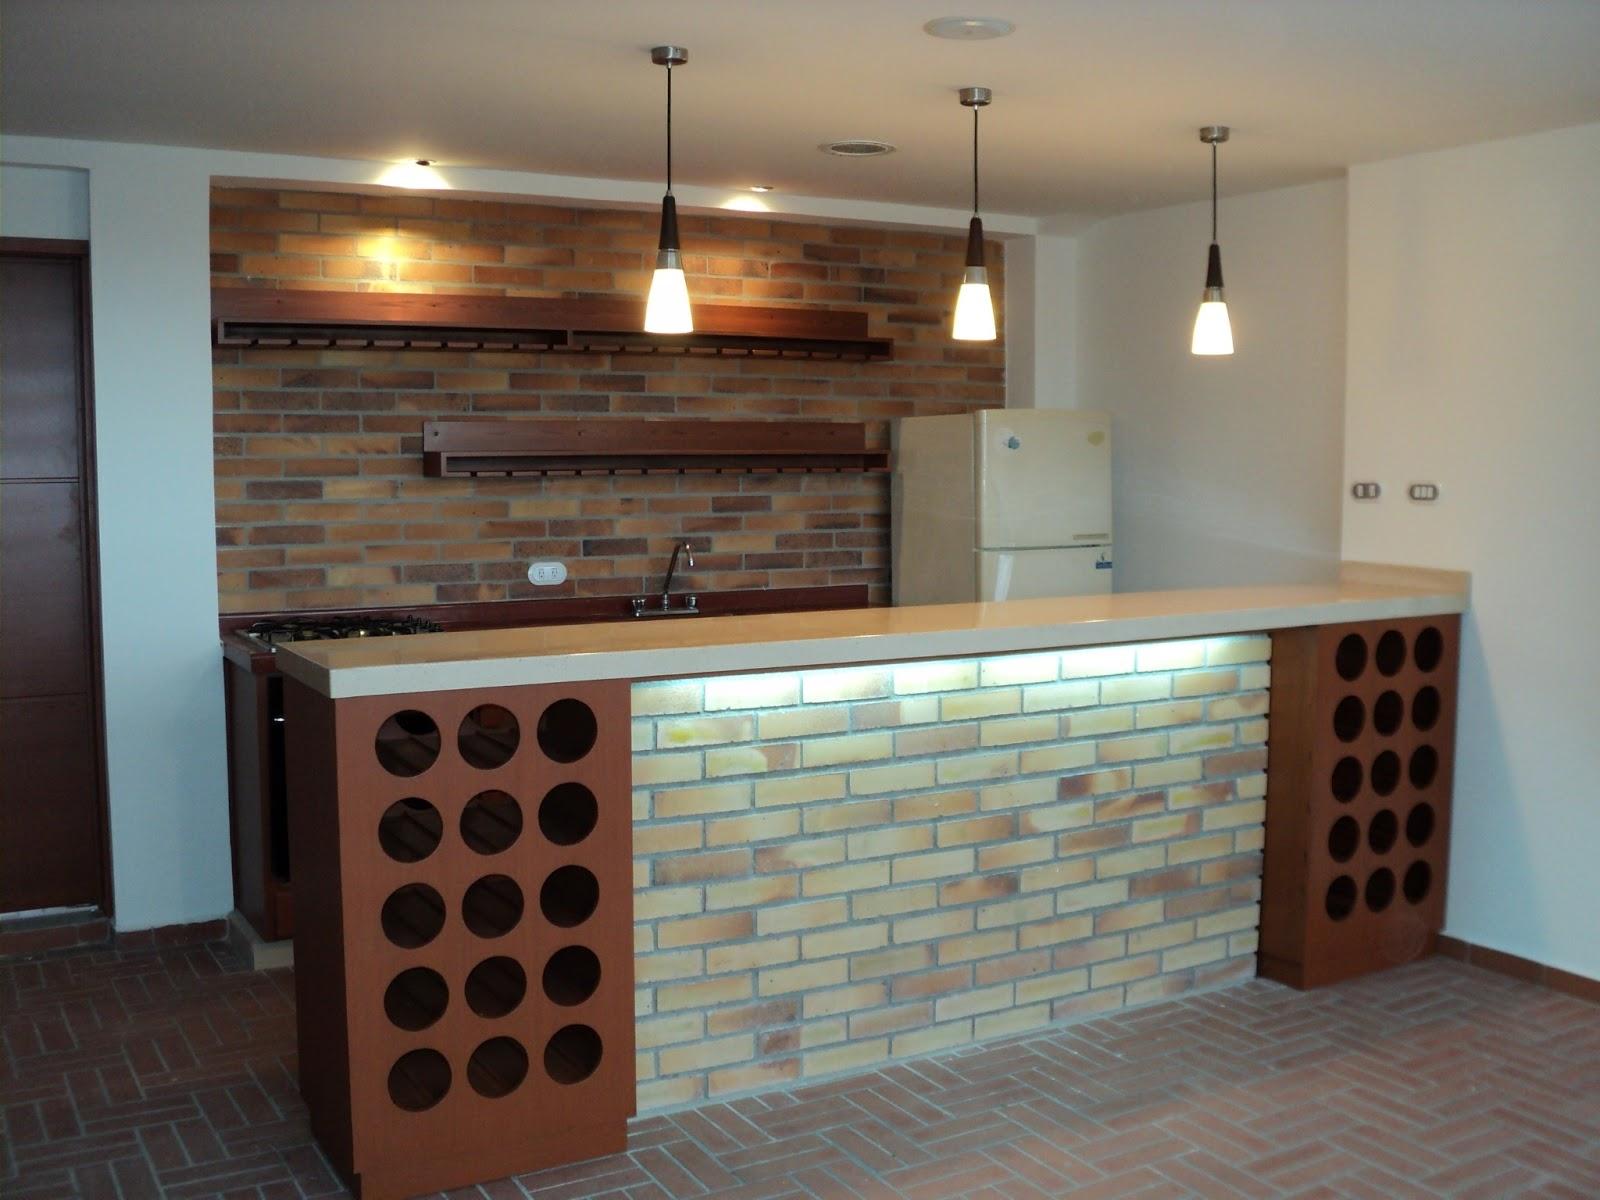 Dise o de interores y mobiliario dise o interiorismo - Barras de bar para casas ...